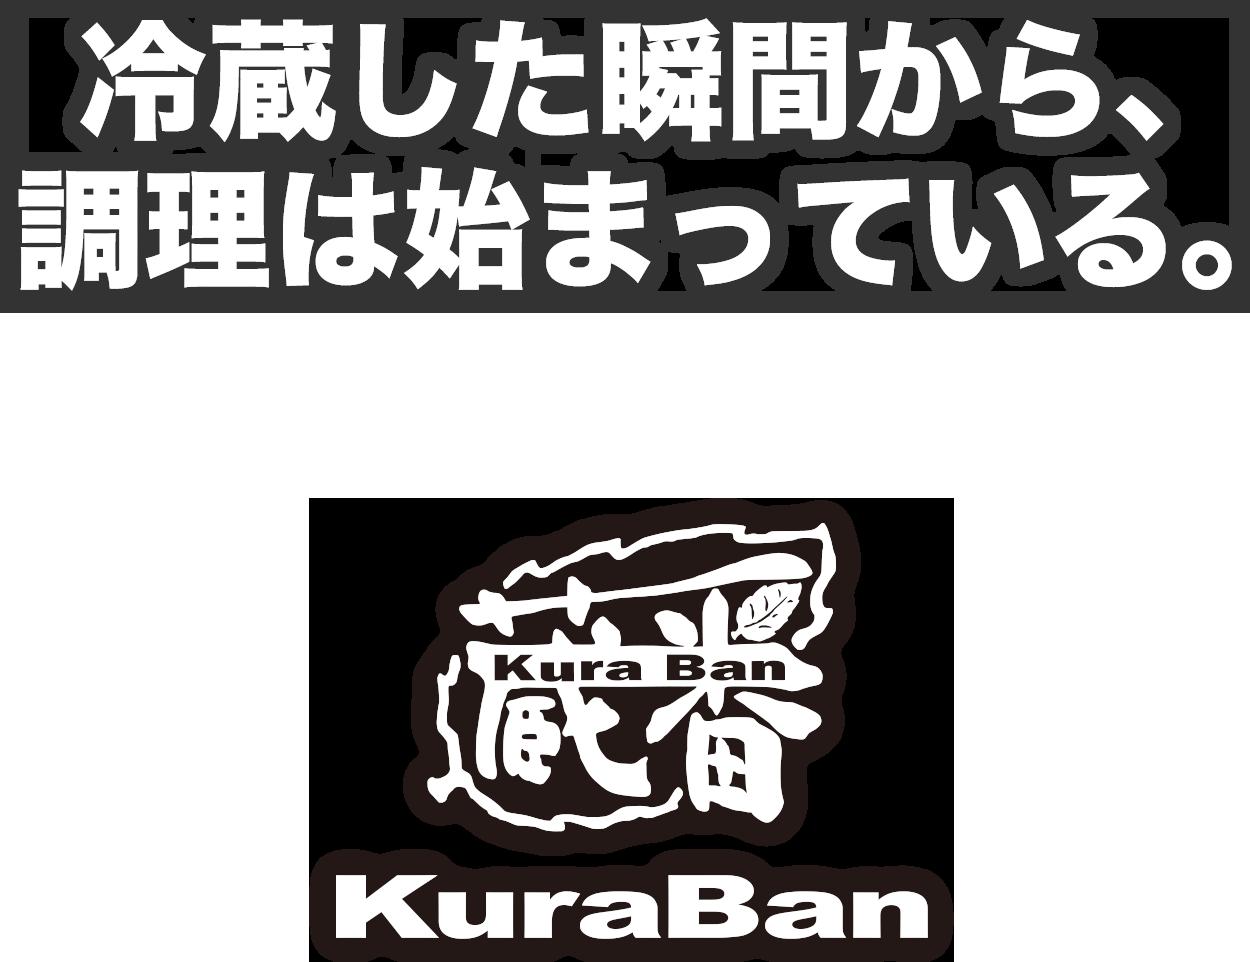 冷蔵した瞬間から調理は始まっている蔵番 KuraBan